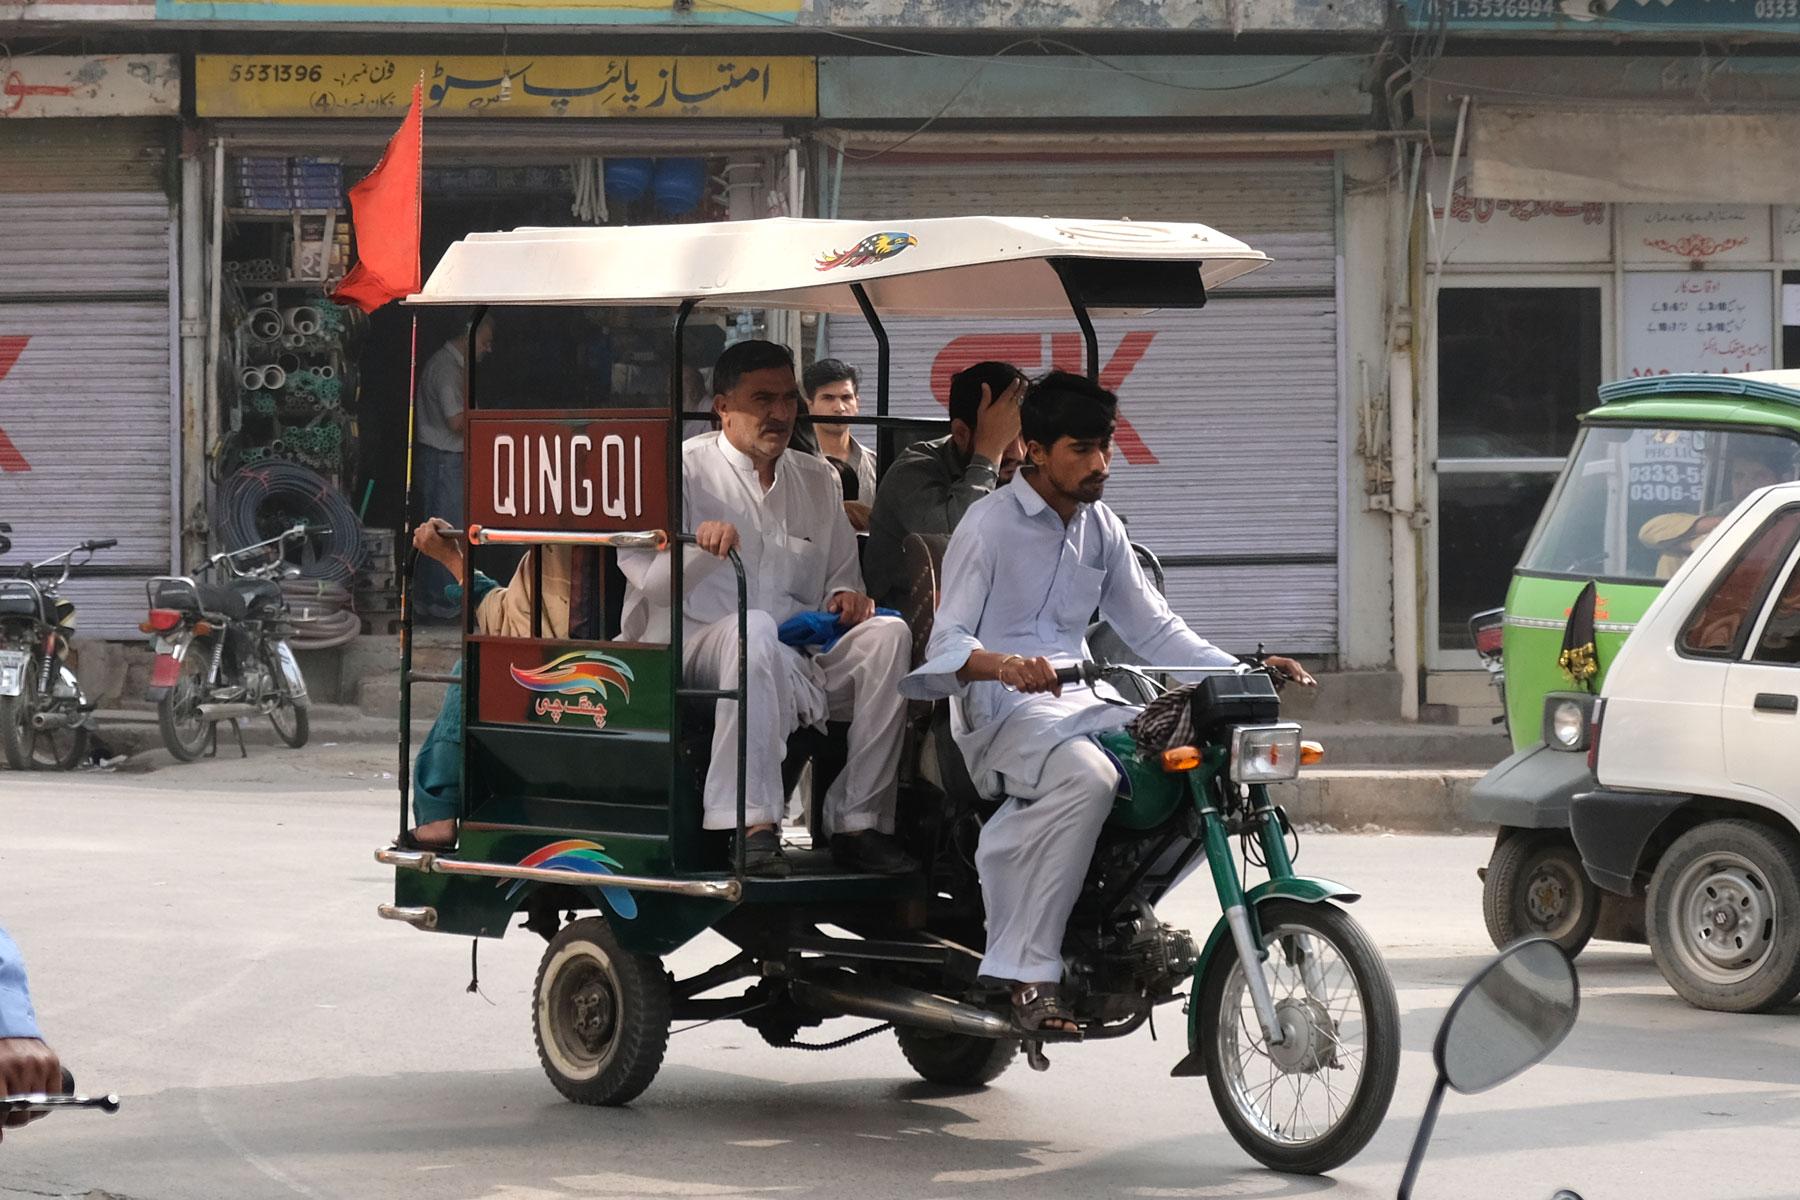 Qingqi-Rickshaws, geteilte Motorradrickshaws, fahren auf festen Routen durch die Stadt